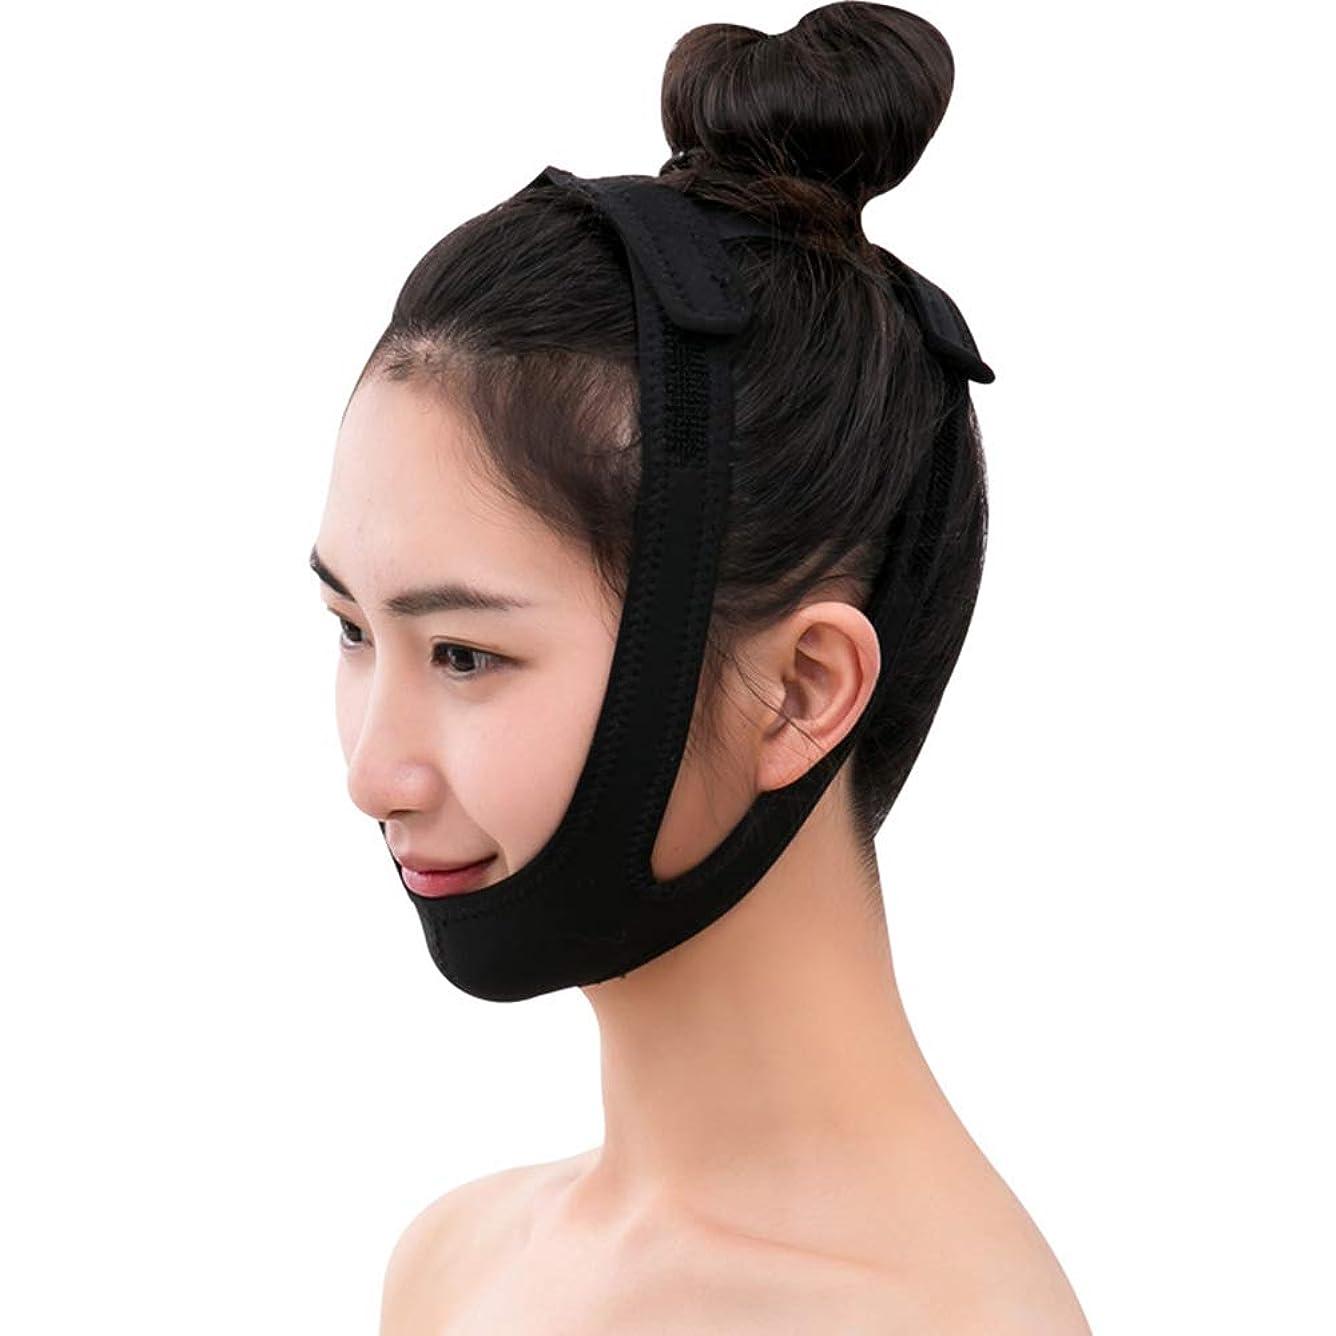 チート不器用ブレスRui Peng フェイスリフティングベルト シンフェイスバンド - シンフェイスバンデージ美容機器フェイシャルリフト睡眠マスク法Vフェイスマスクを通気性にする